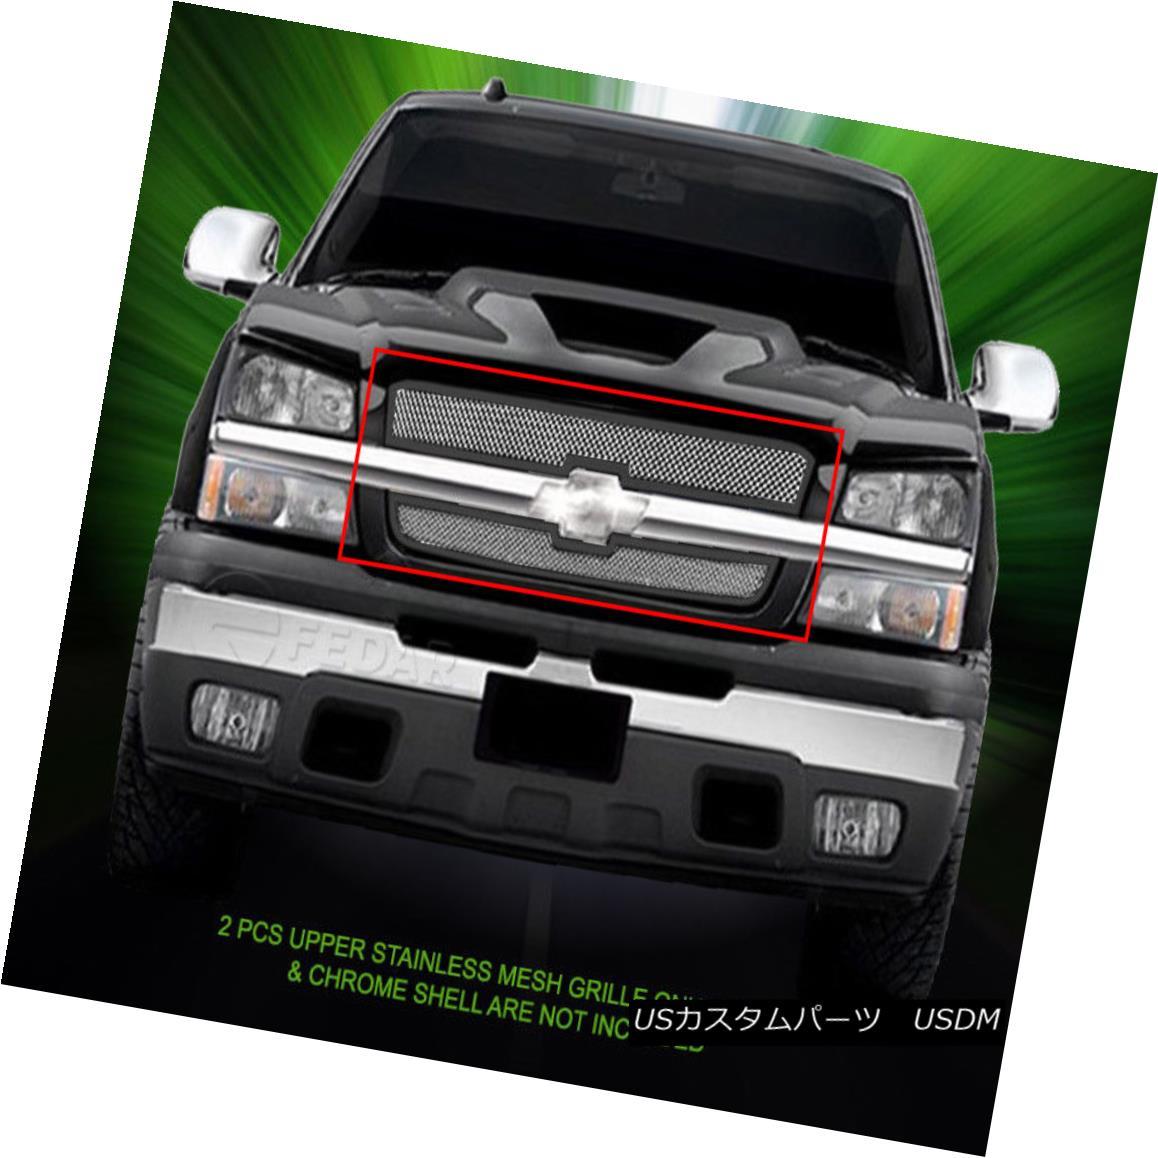 グリル Fits 2003 - 2005 Chevy Silverado Stainless Steel Upper Mesh Grille Insert Fedar フィット2003 - 2005シボレーシルバラードステンレス鋼アッパーメッシュグリルインサートフェルダ